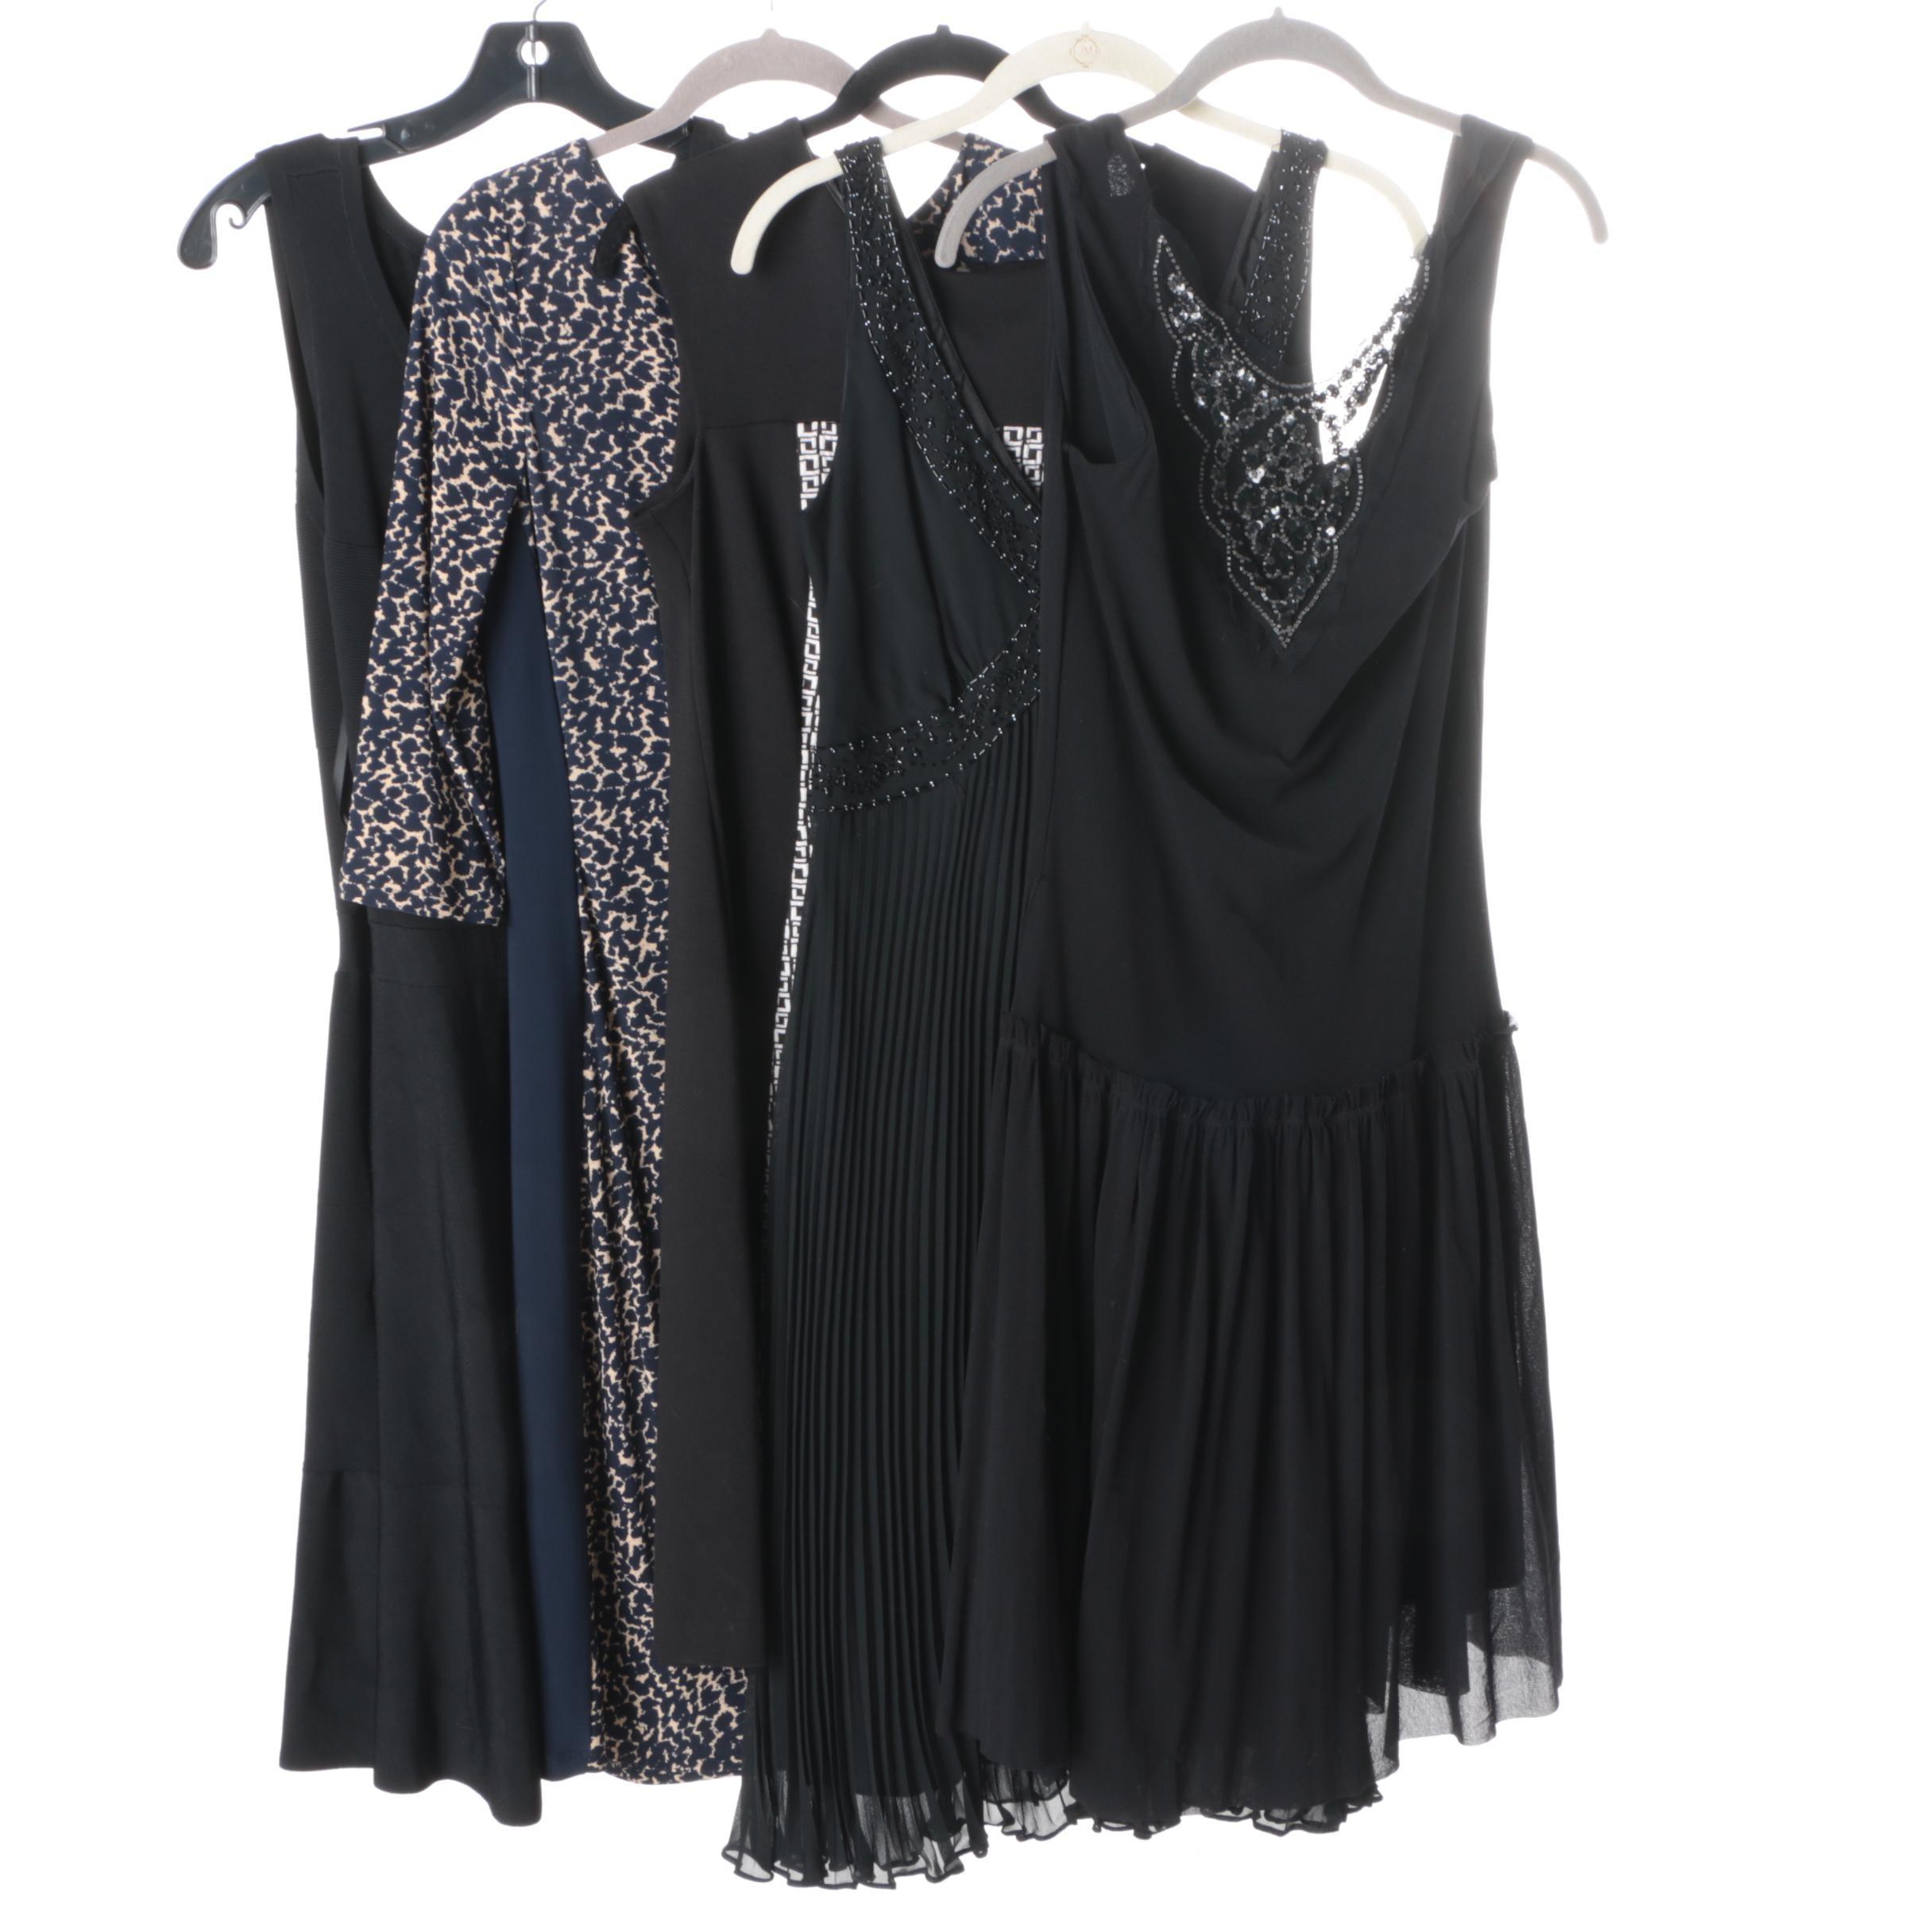 Women's Dresses Including Lauren by Ralph Lauren